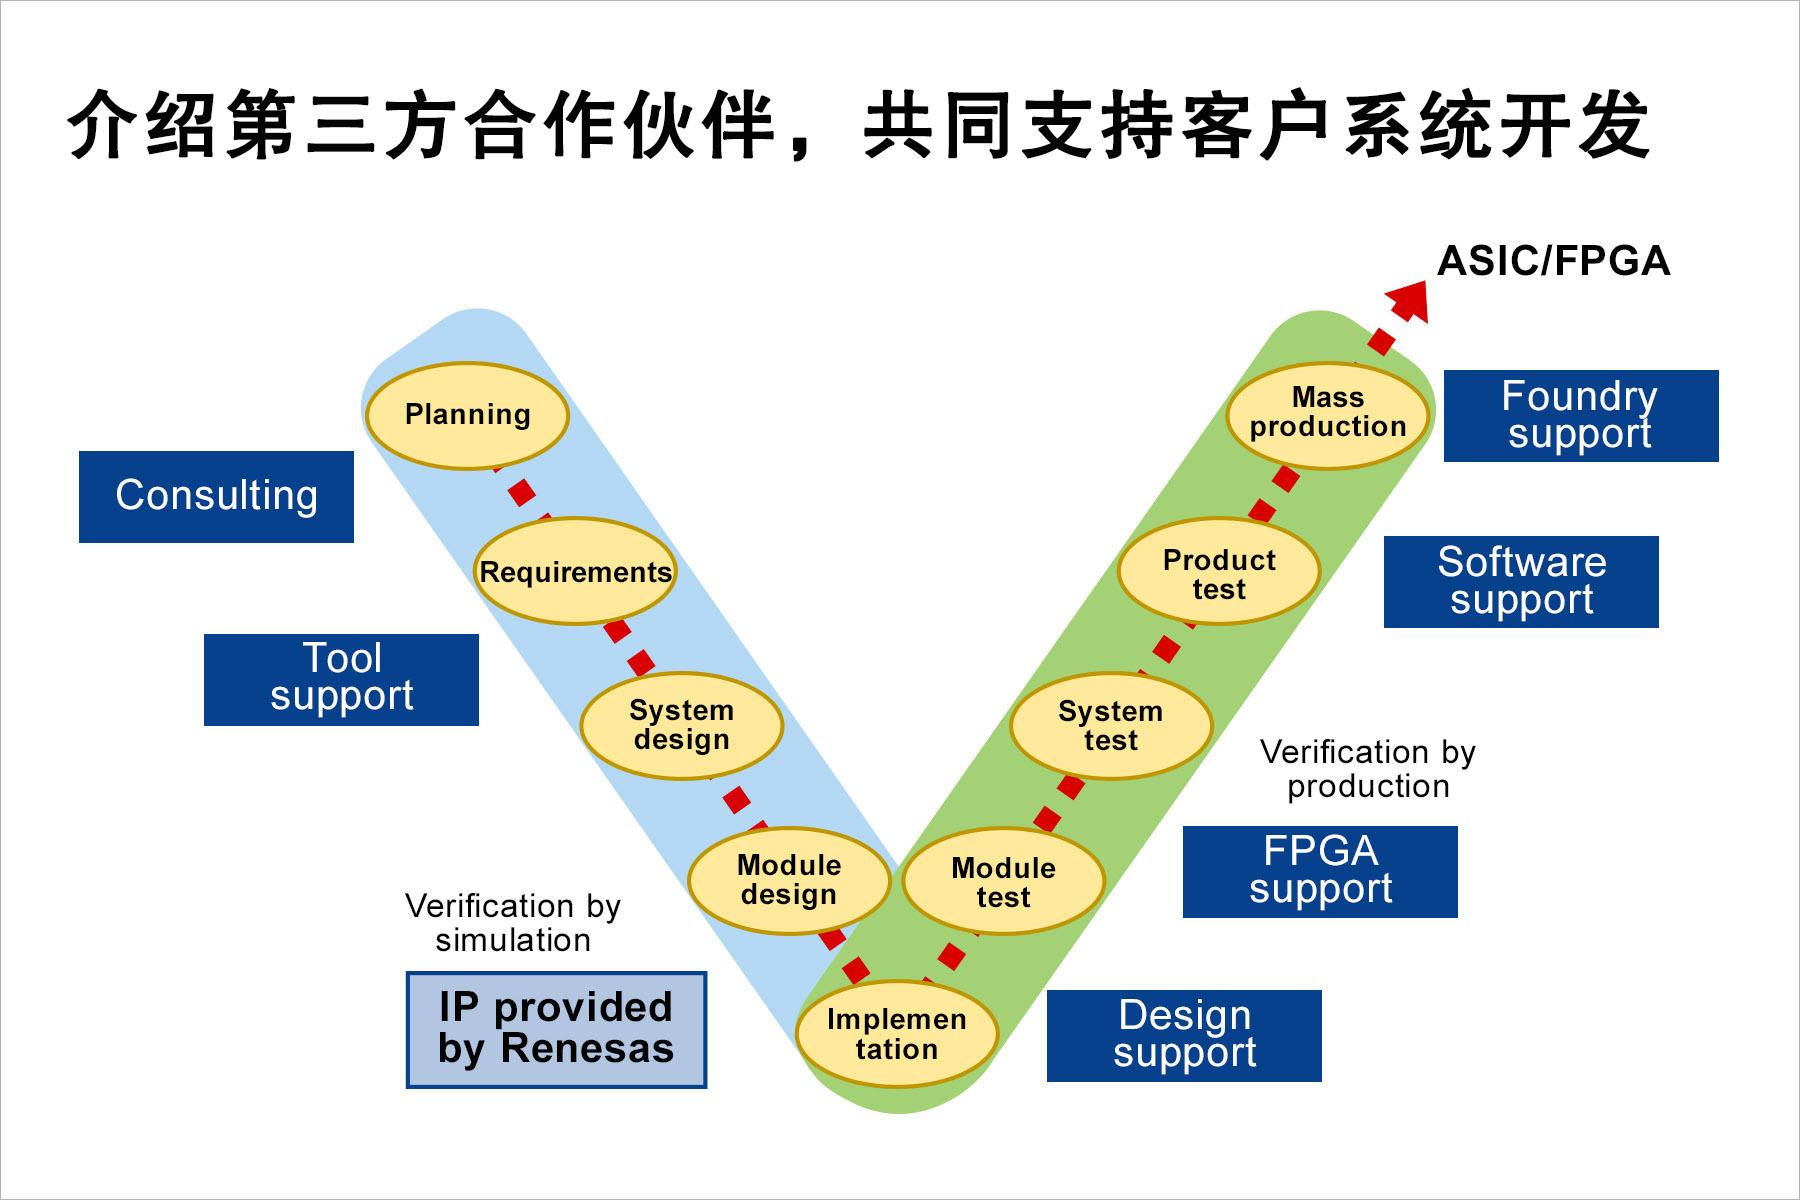 介绍第三方合作伙伴,共同支持客户系统开发.jpg